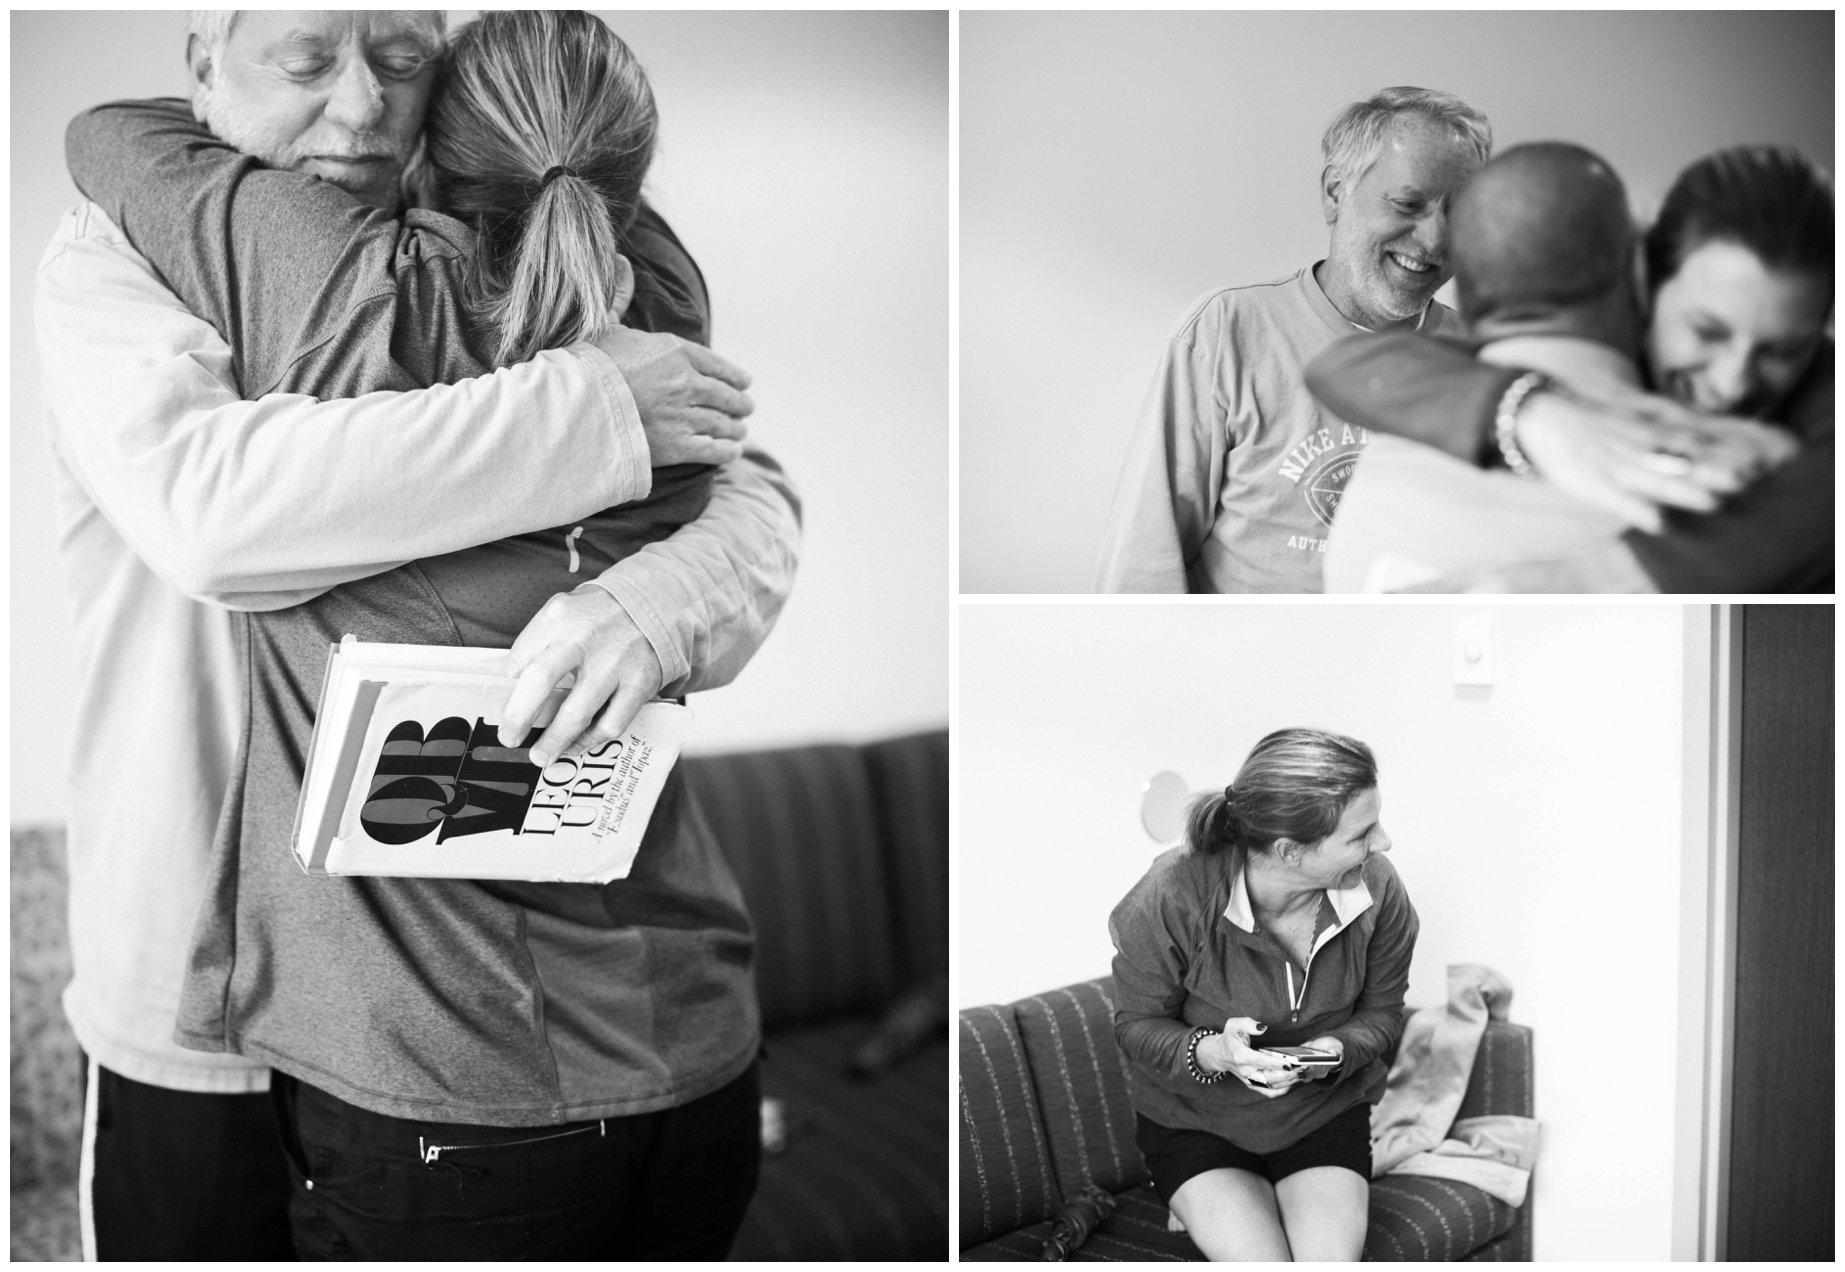 st louis photography_maternity_lauren muckler photography_film_st louis film photographer_0126.jpg